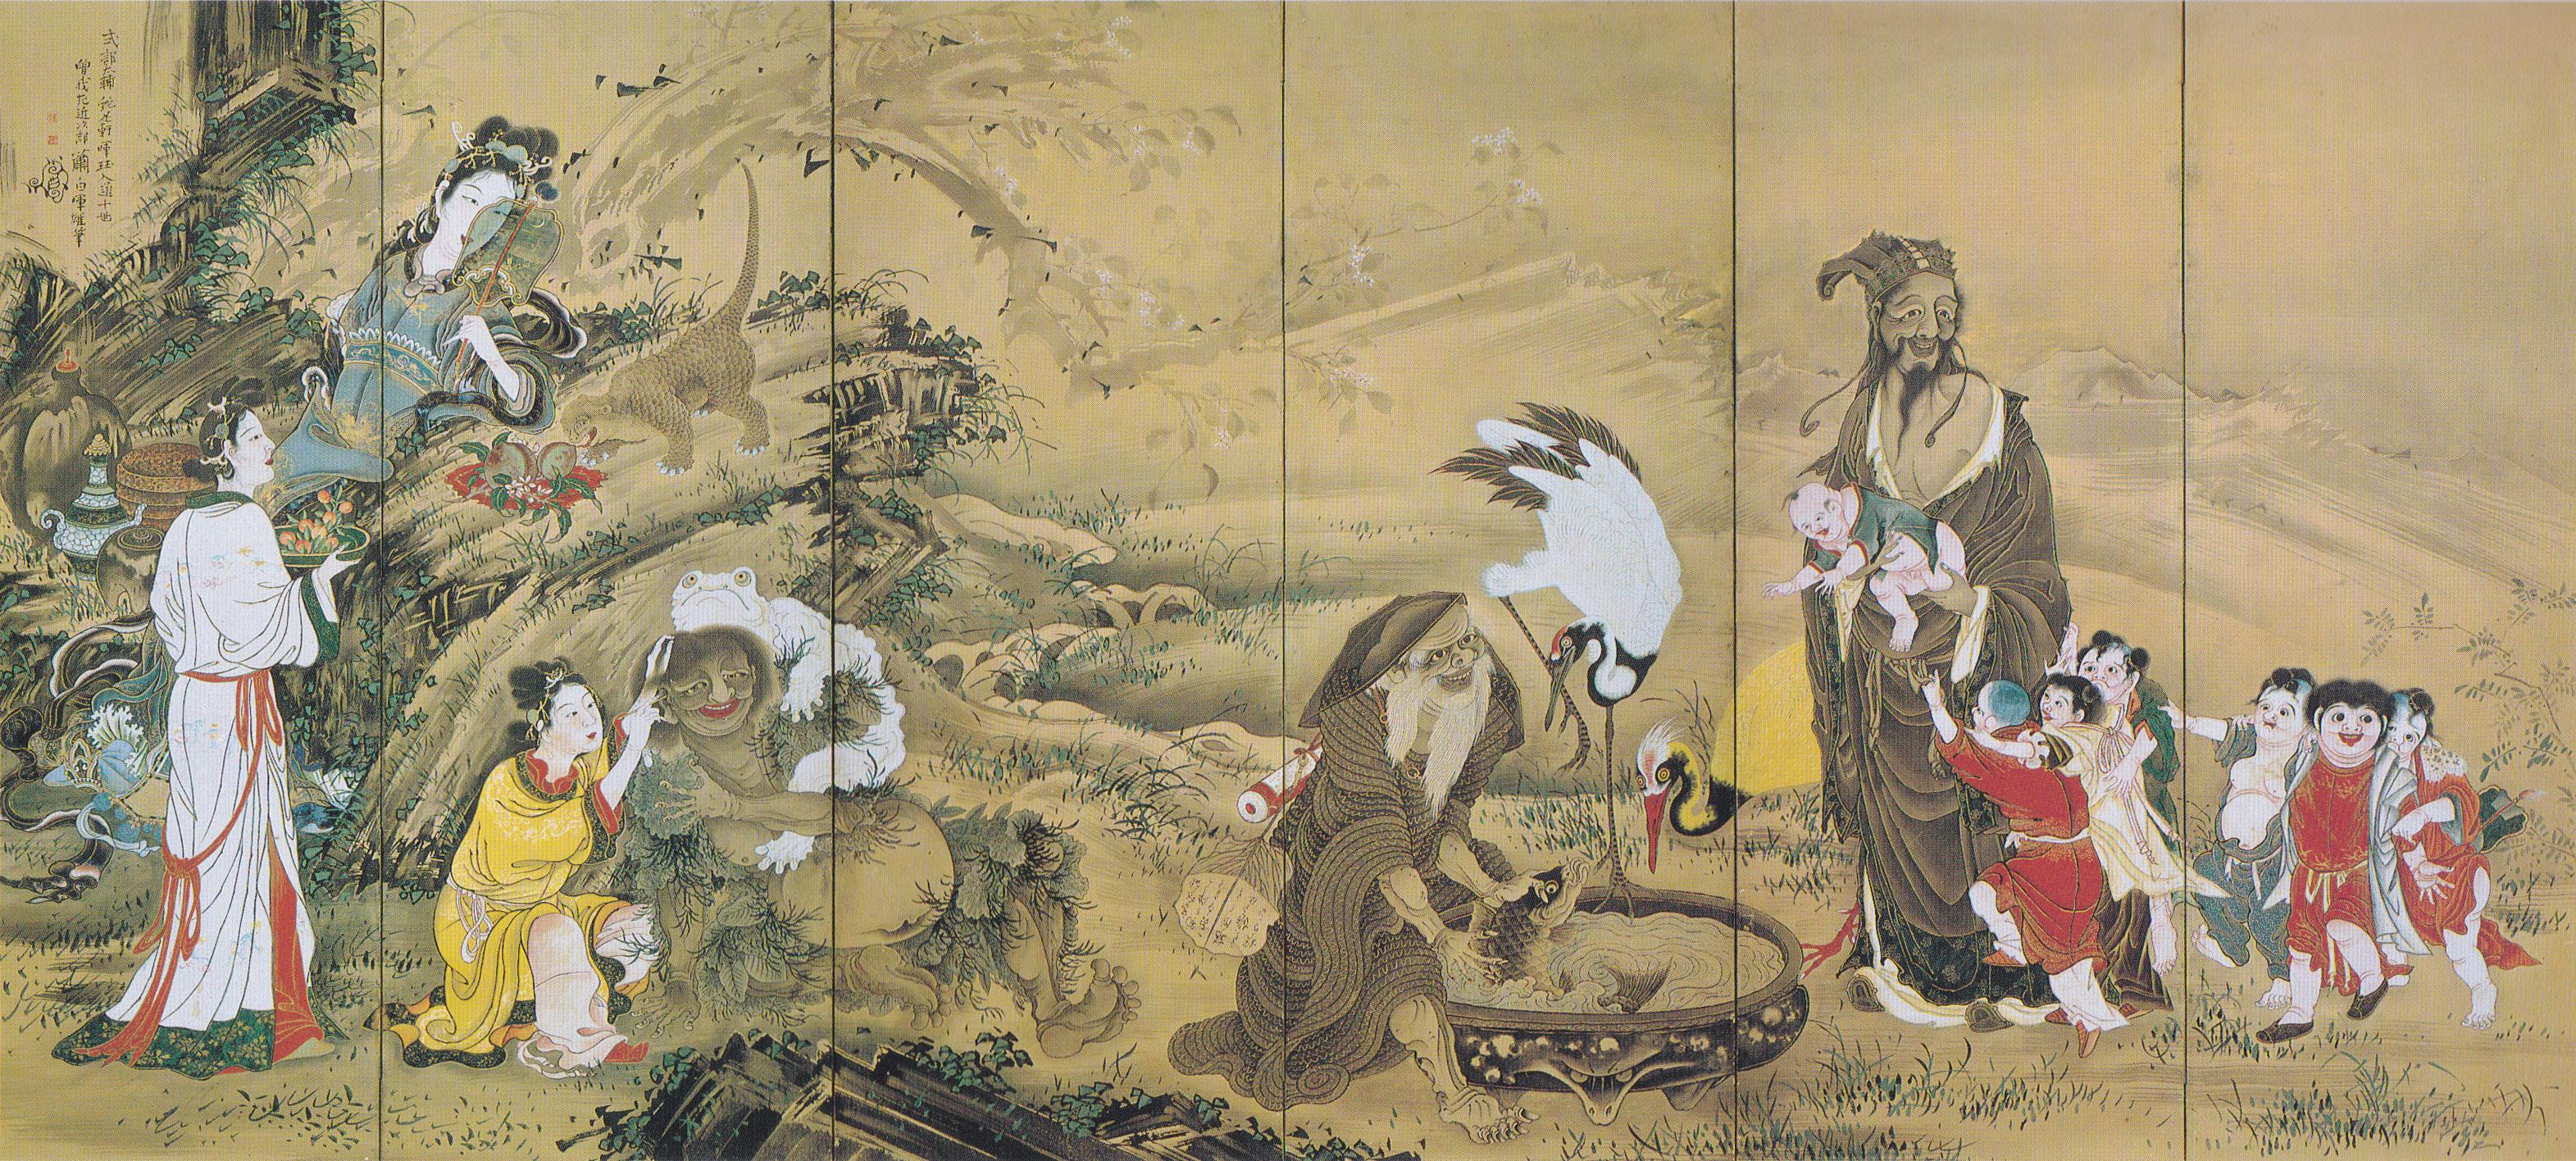 曾我蕭白《群仙図屏風》(左隻) 1764年 文化庁蔵 重要文化財